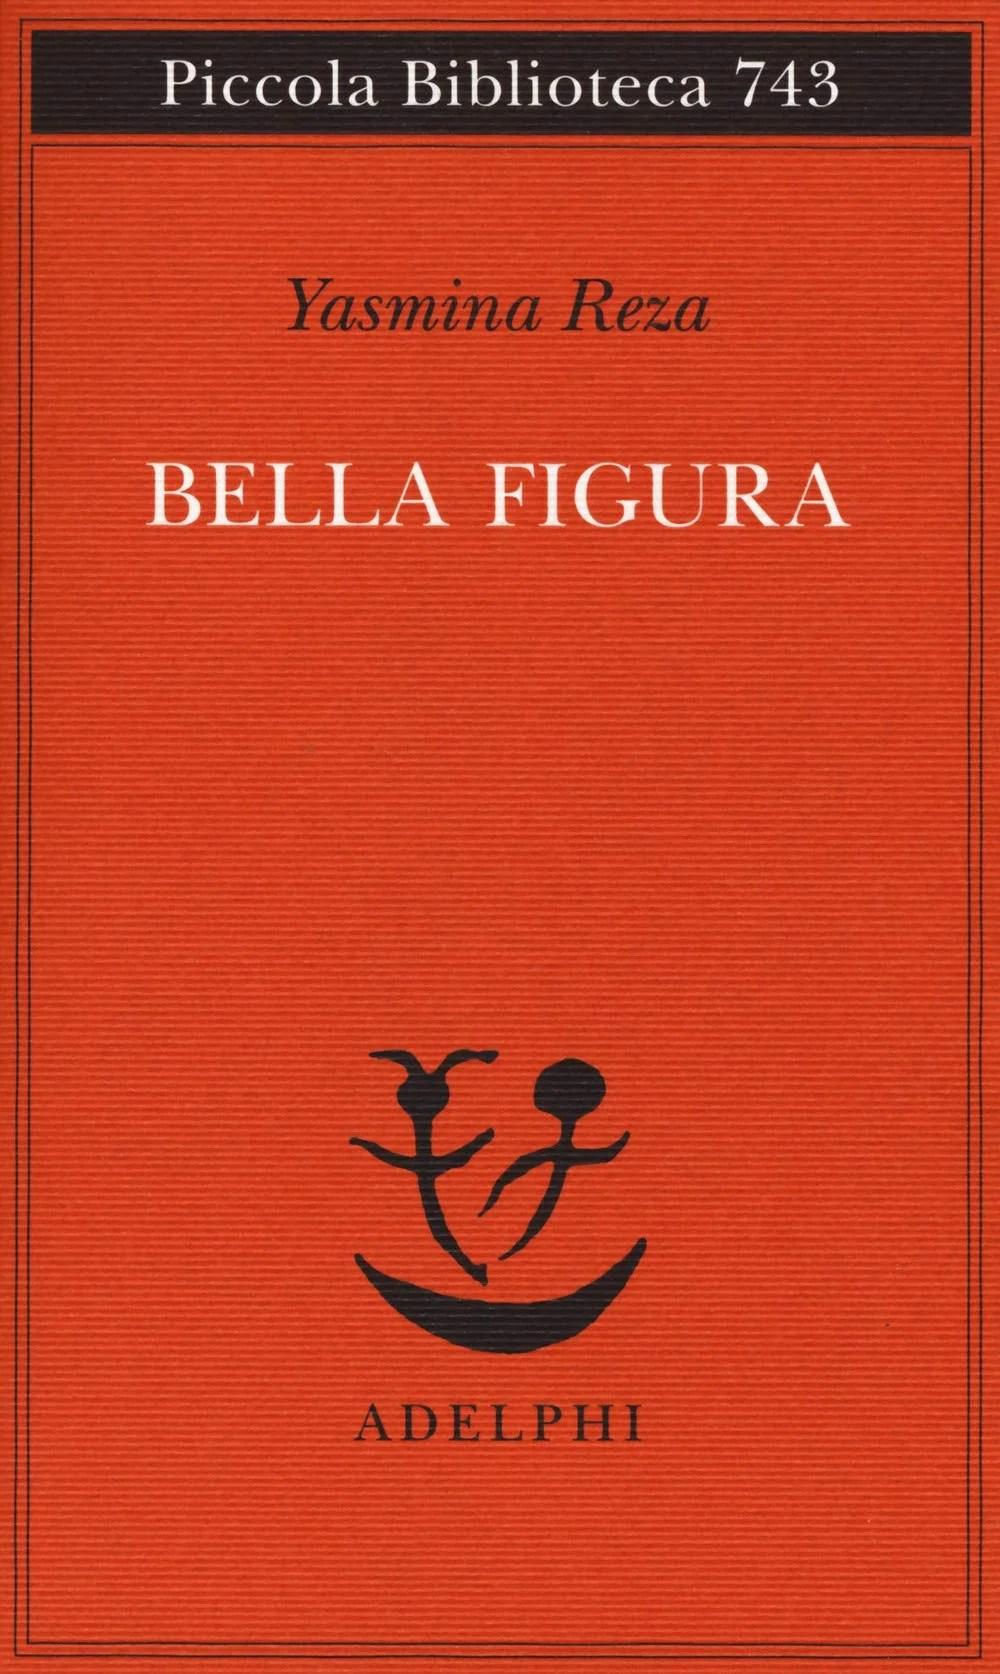 Recensione di Bella Figura – Yasmina Reza